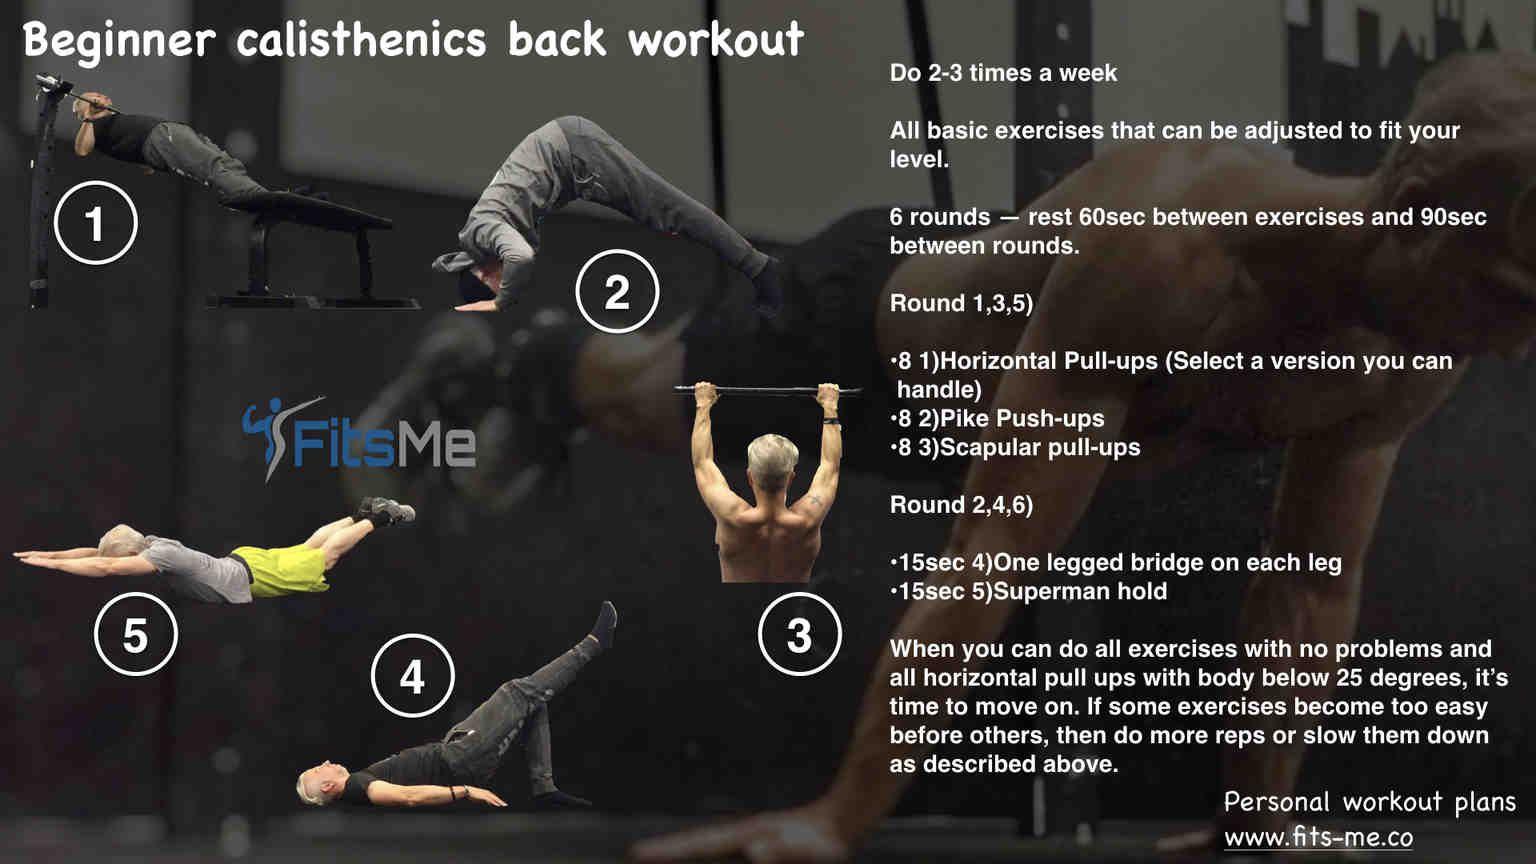 Calisthenics back workout for strength beginner to